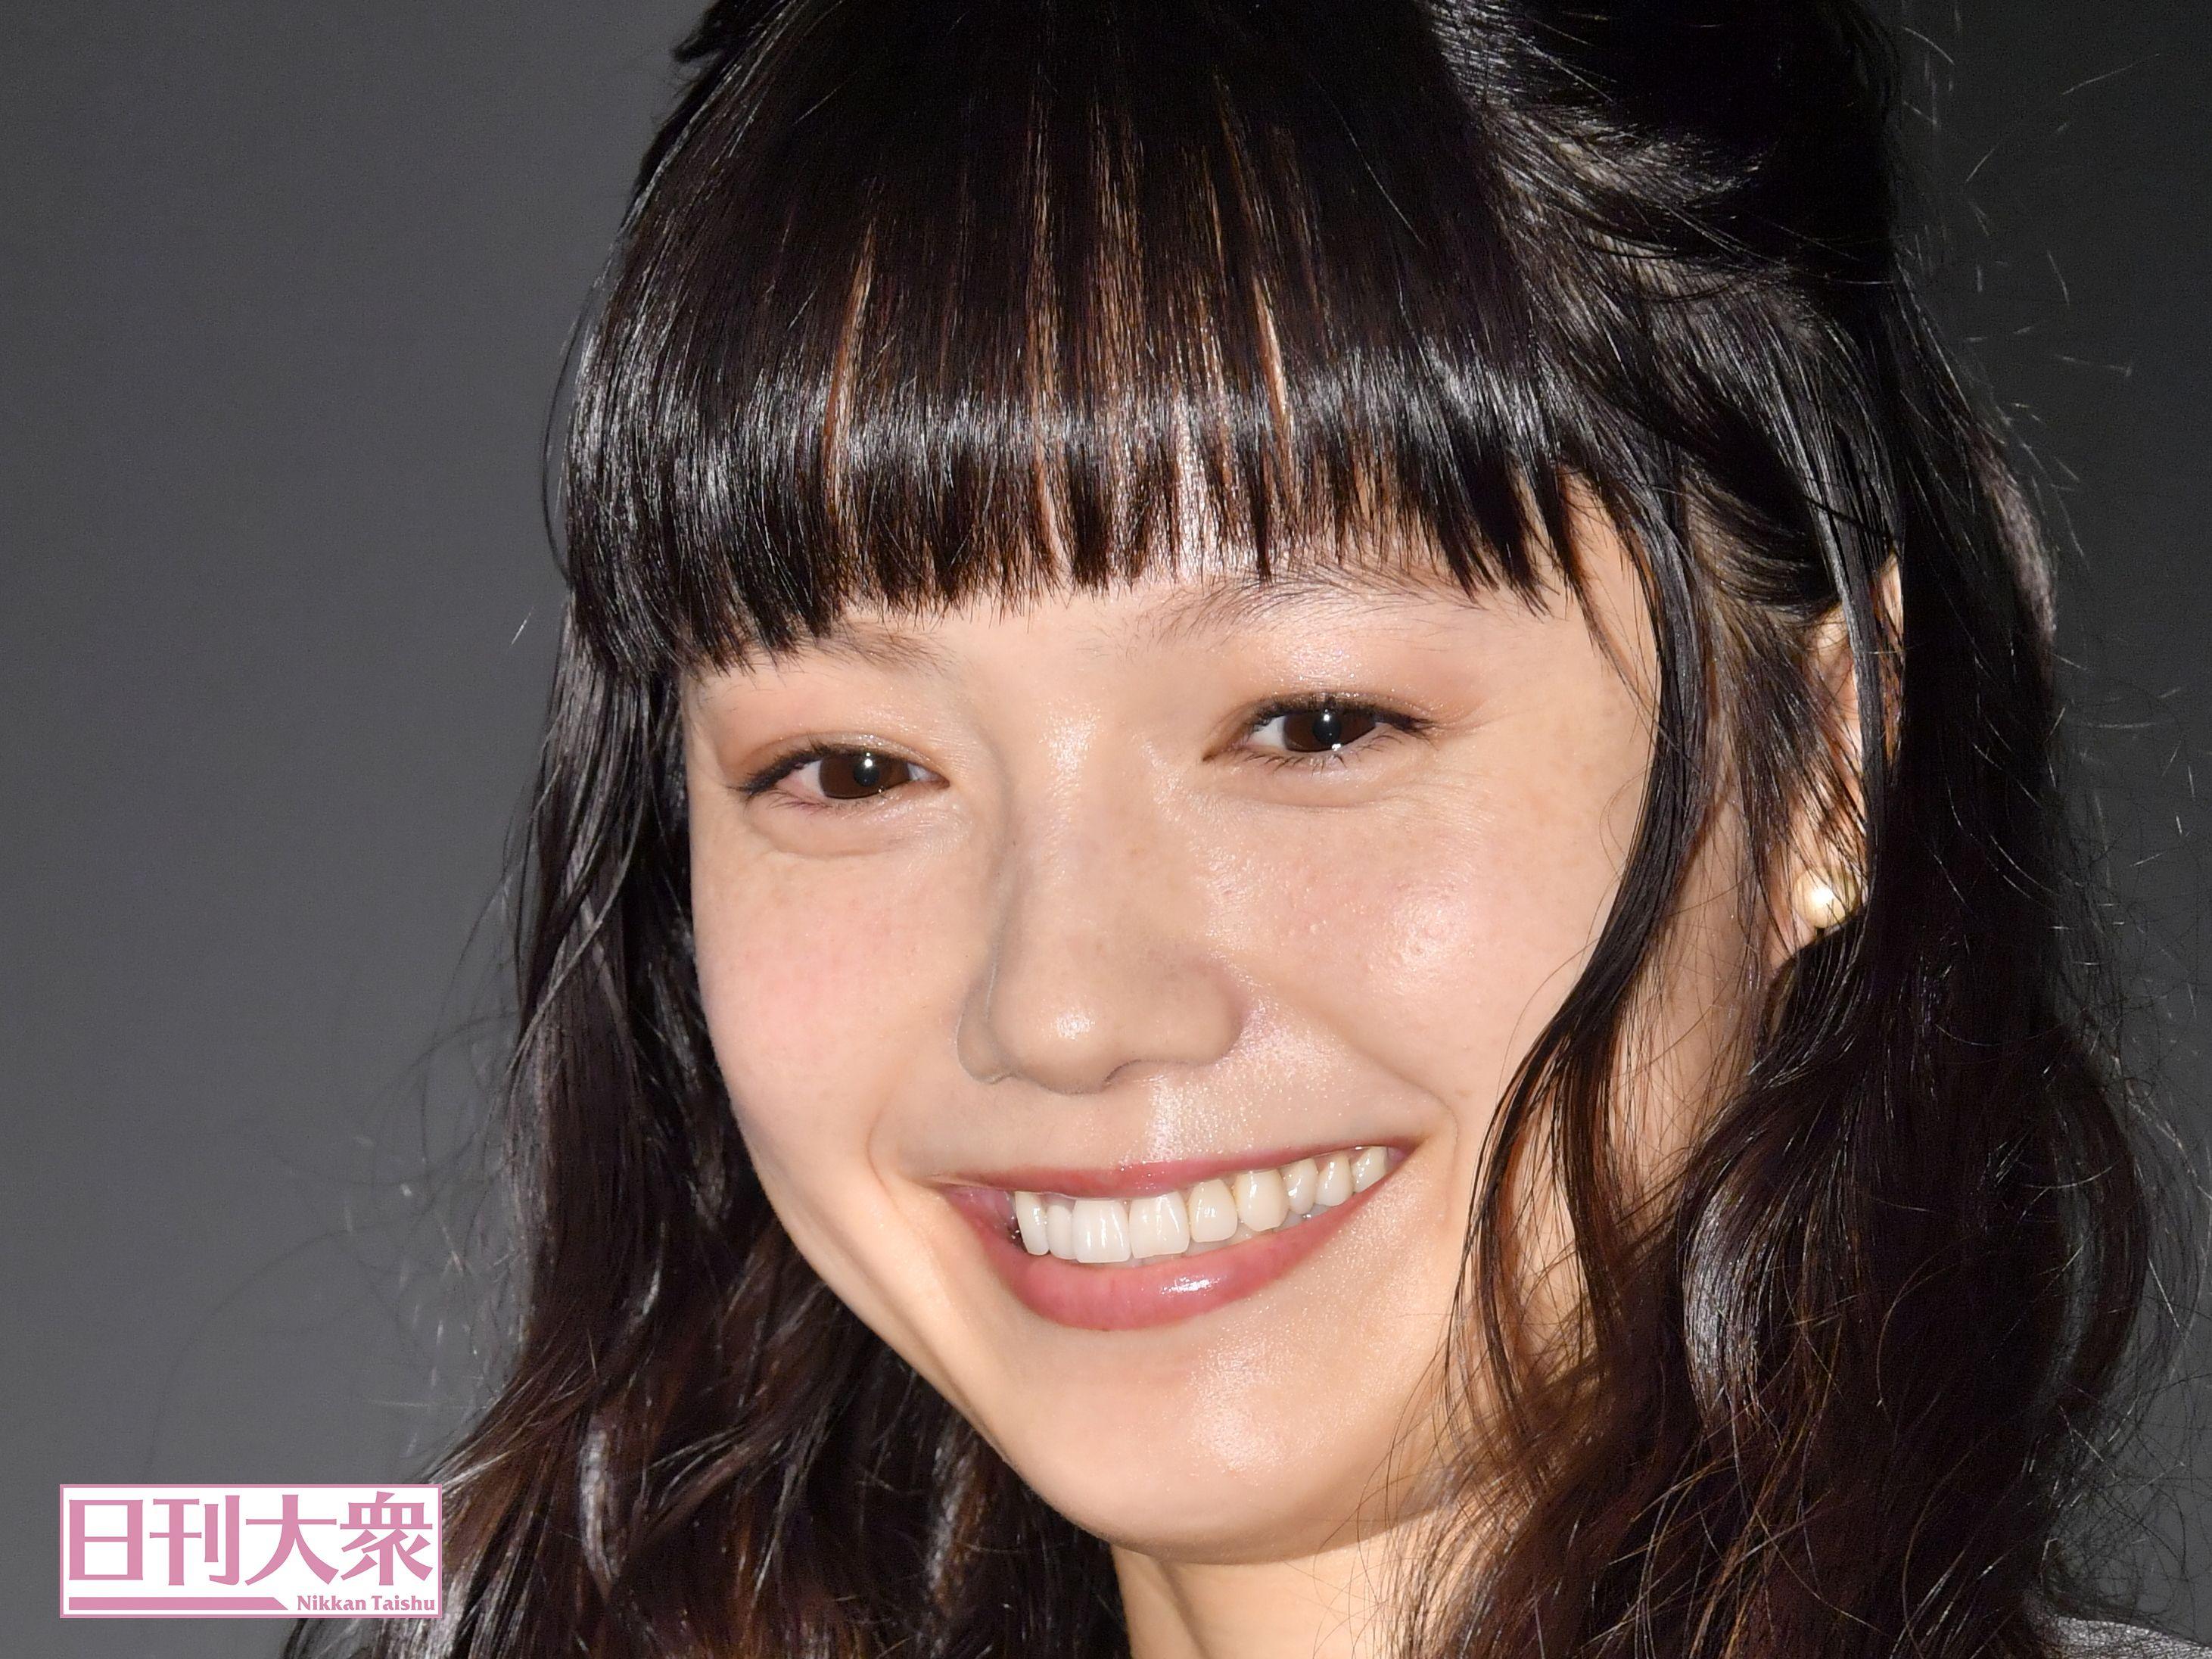 女性の顔ドアップ [無断転載禁止]©bbspink.comYouTube動画>1本 ->画像>551枚